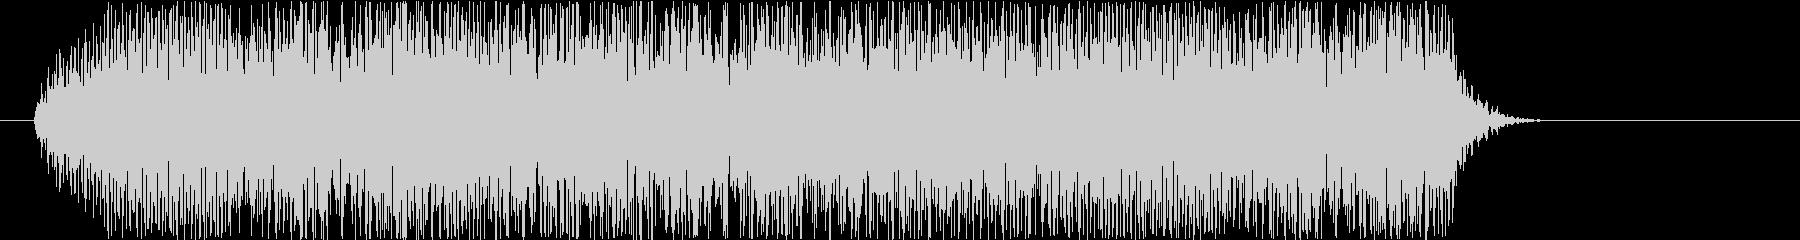 ビギュゥ~ン(電撃魔法音)の未再生の波形